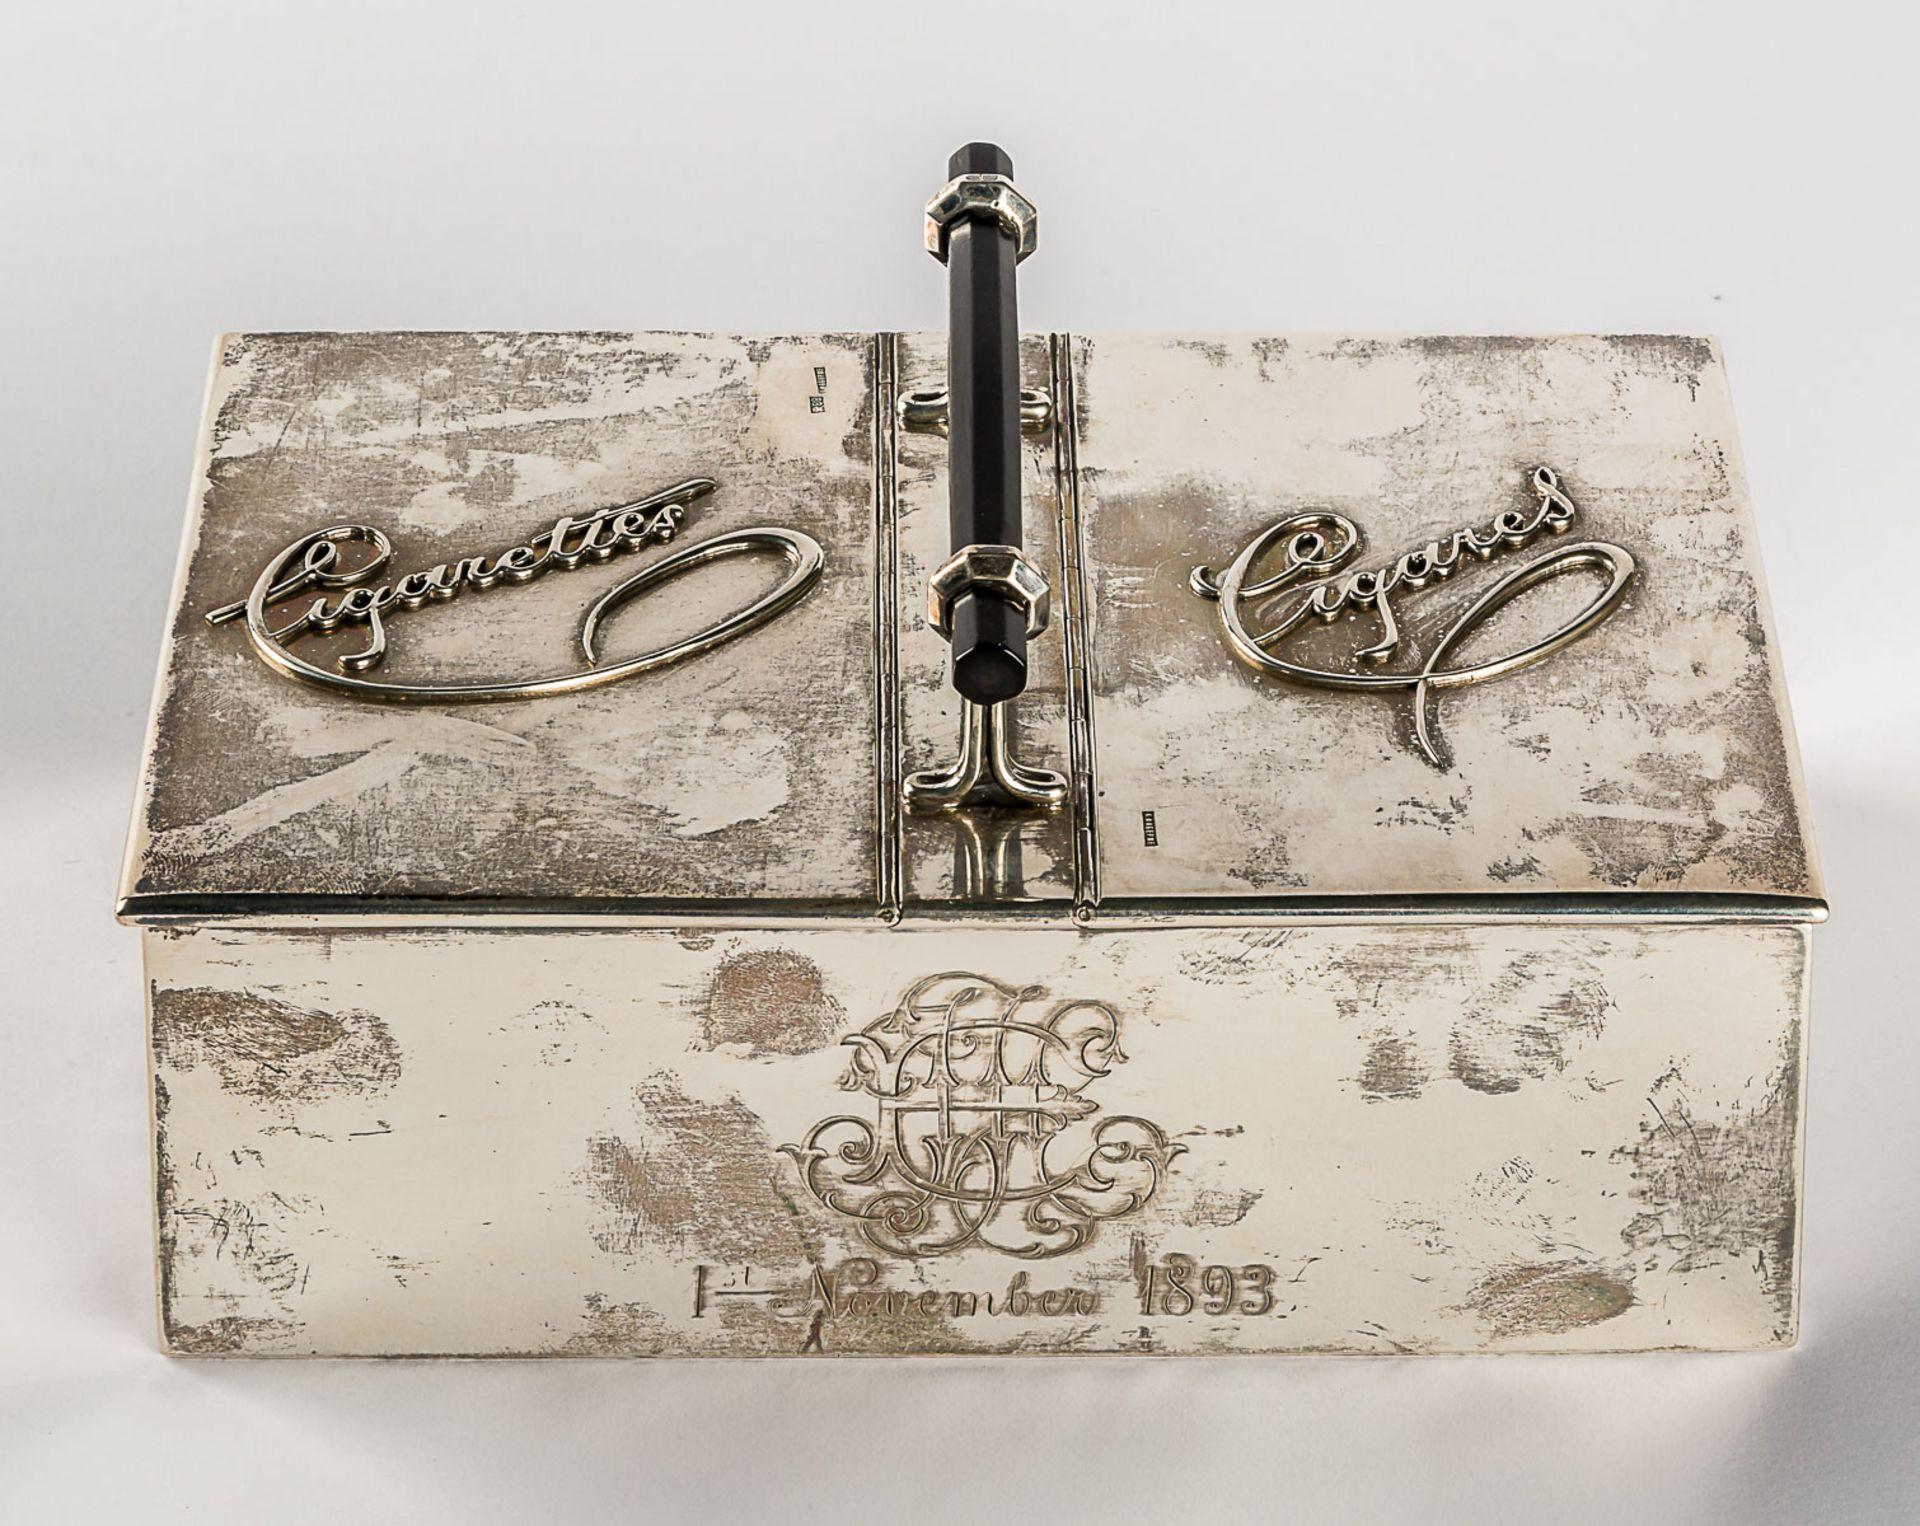 GROSSE ZIGARETTEN- UND ZIGARREN-BOX MIT MONOGRAMM UND DATUM 1. NOVEMBER 1893